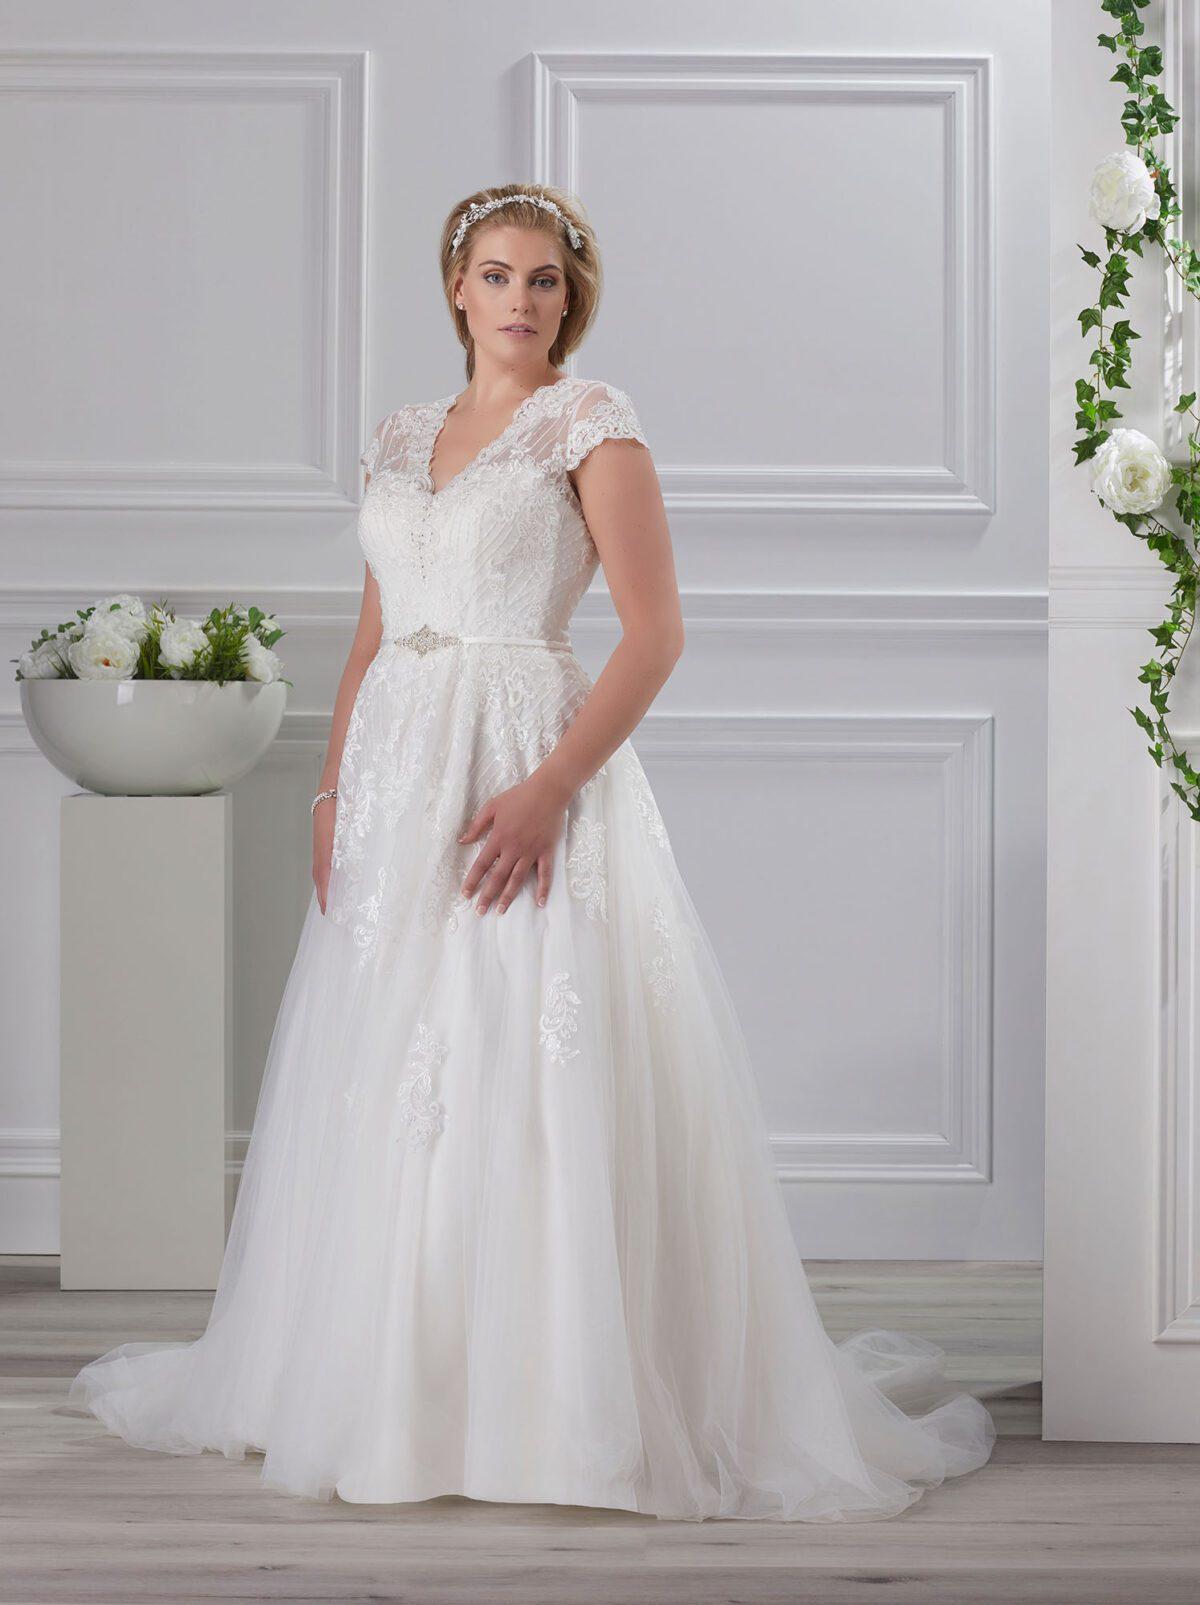 goedkope trouwjurk voor je ceremonie